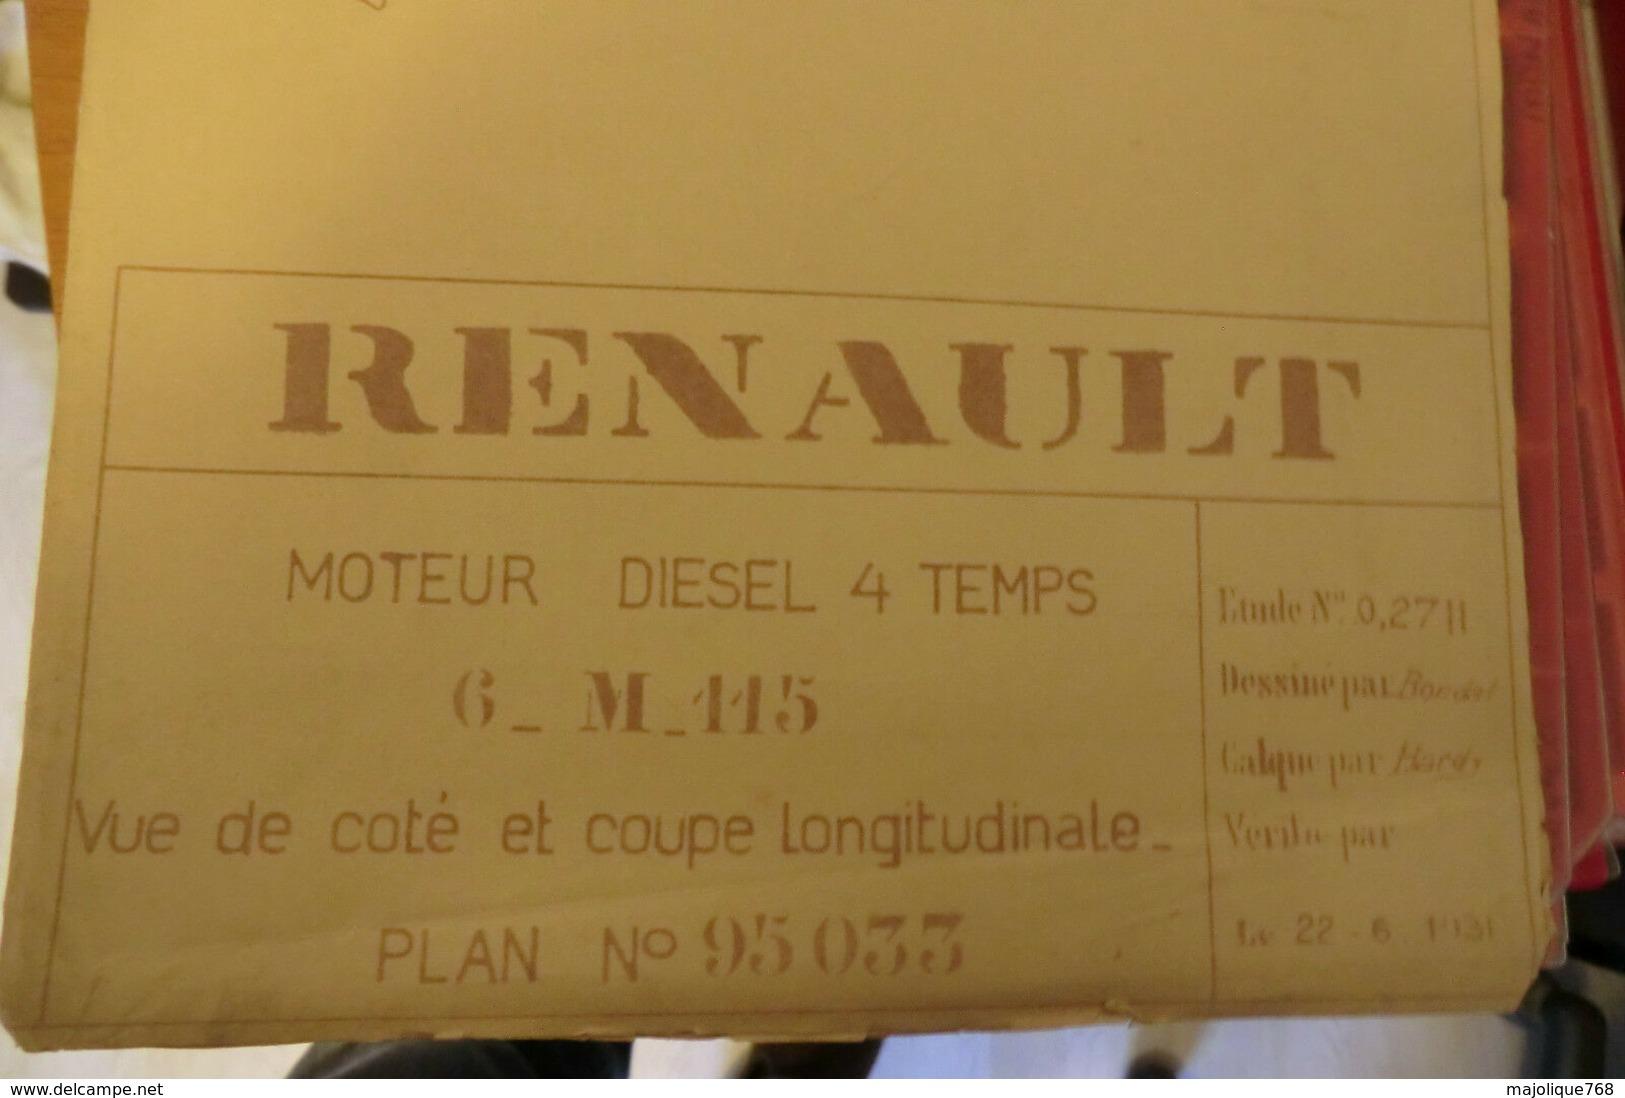 15 Plants De Moteurs Diesel Pour Yacht Pour Mr Renault-Billancourt 1930/31. - Machines